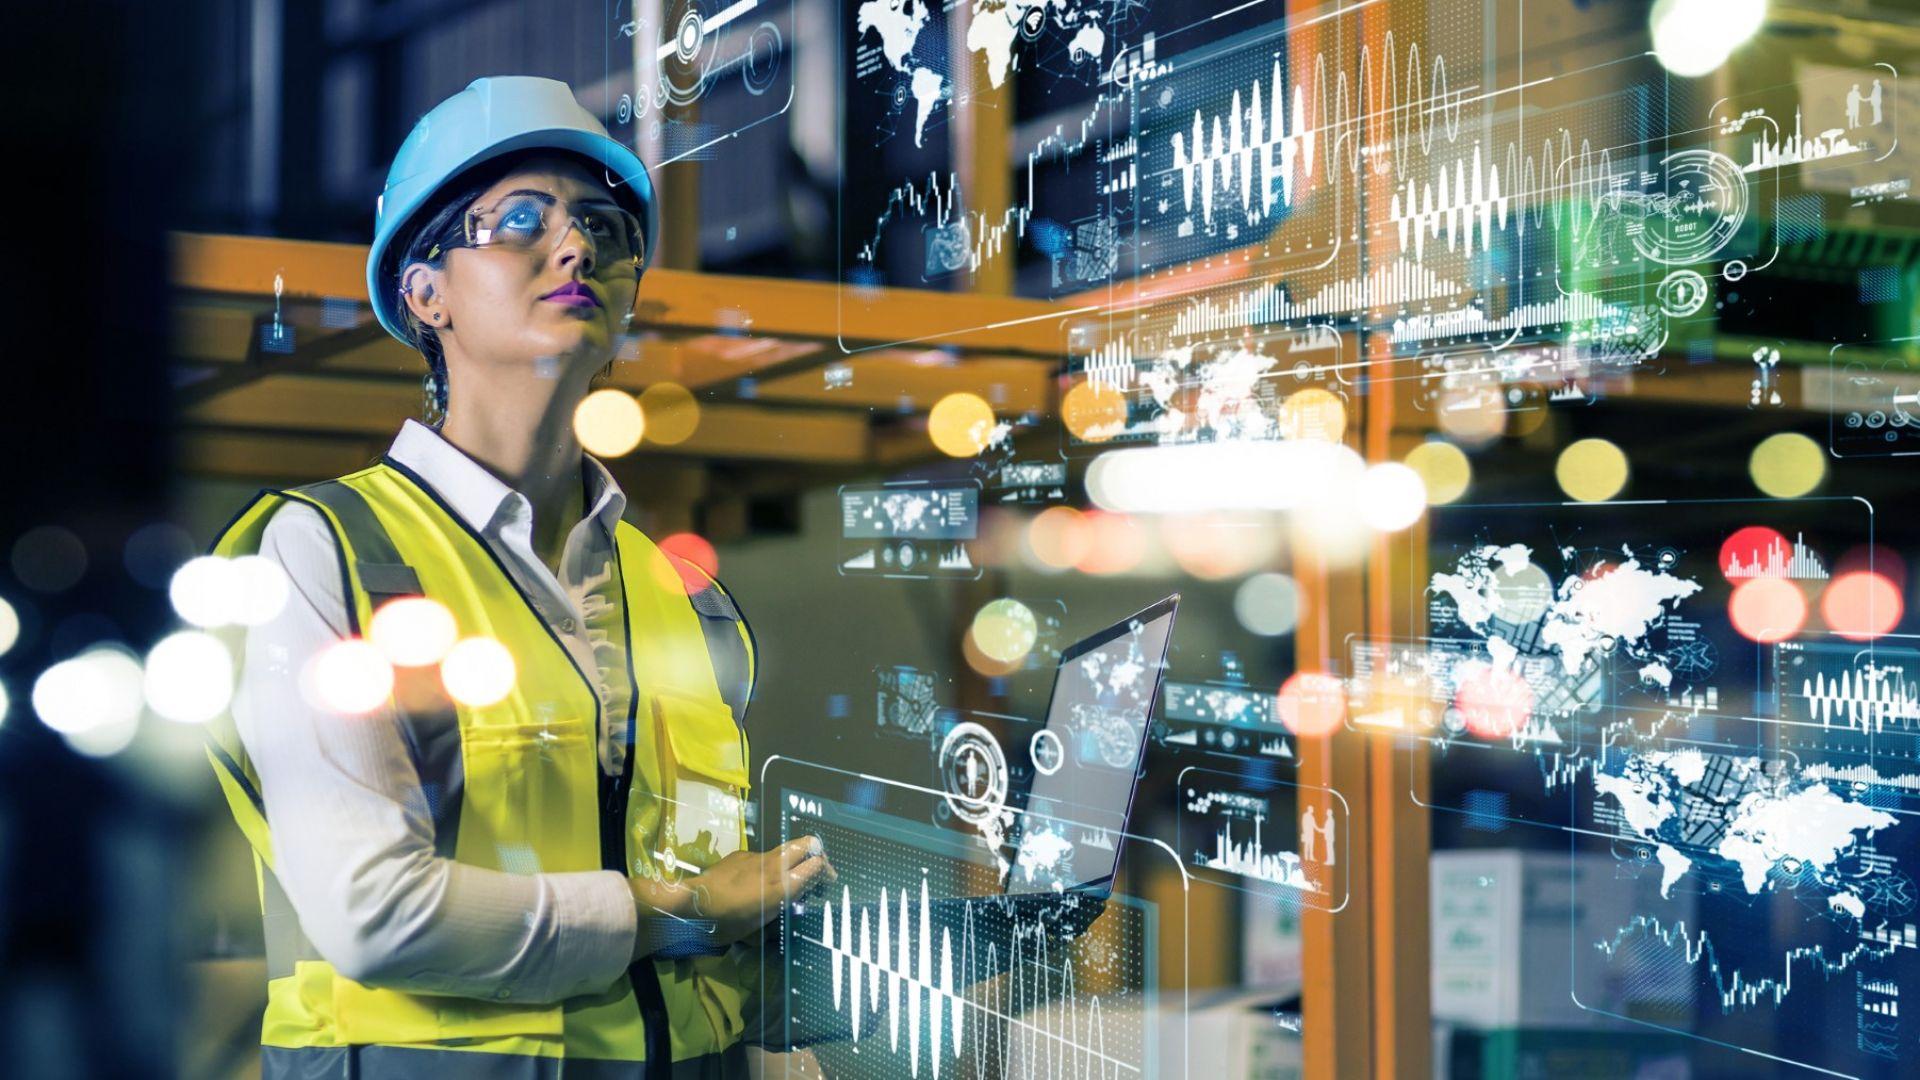 Кристалина Георгиева се обяви за женски квоти на работното място